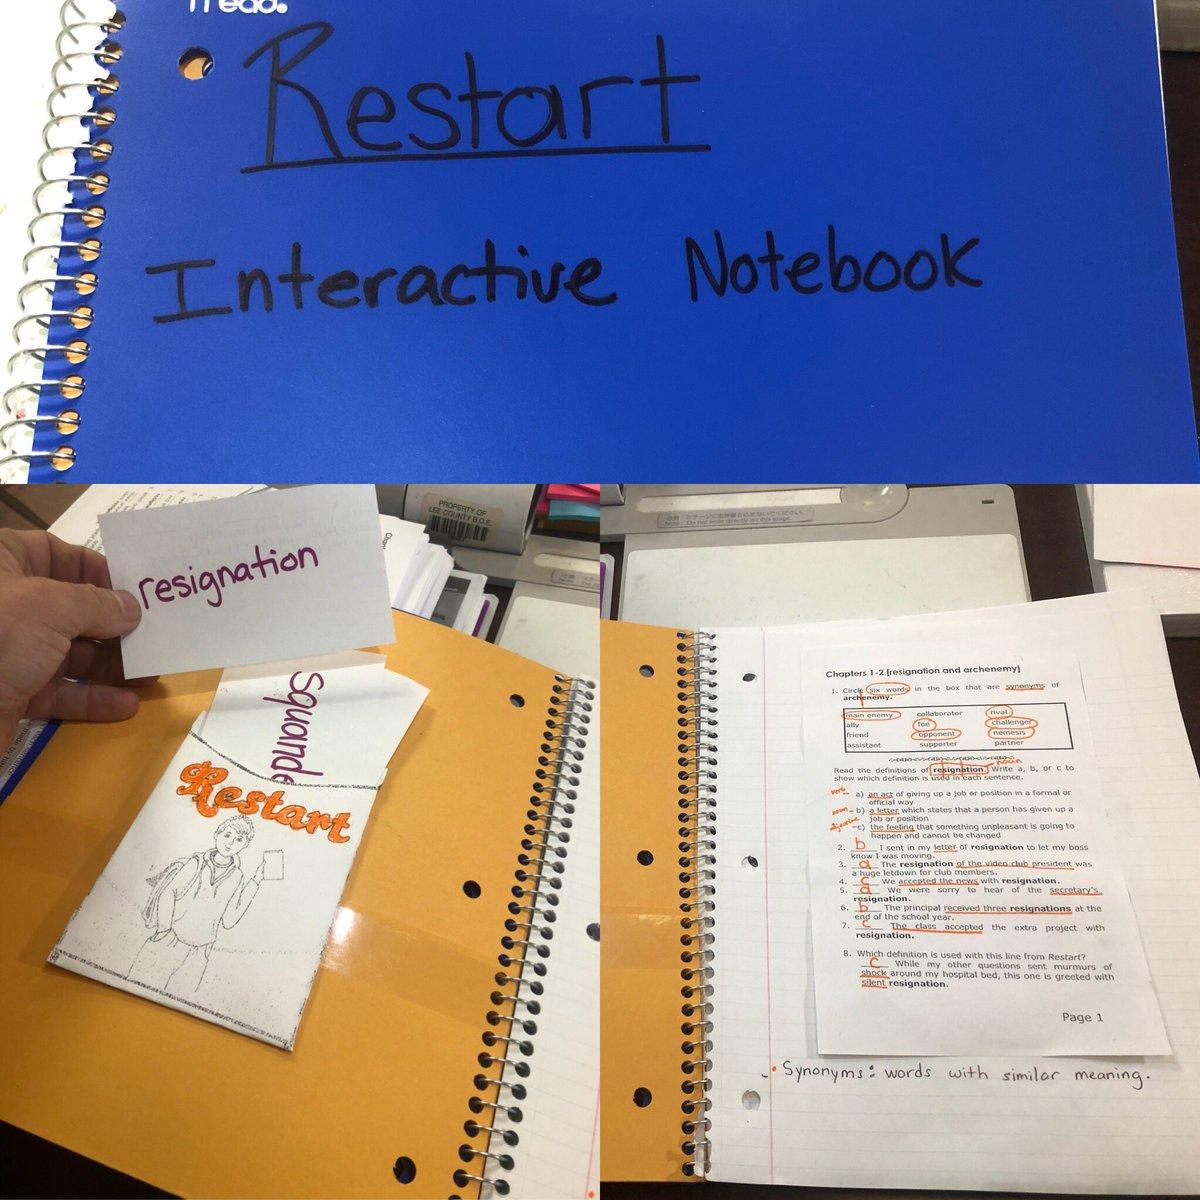 Interactivenotebook Hashtag On Twitter